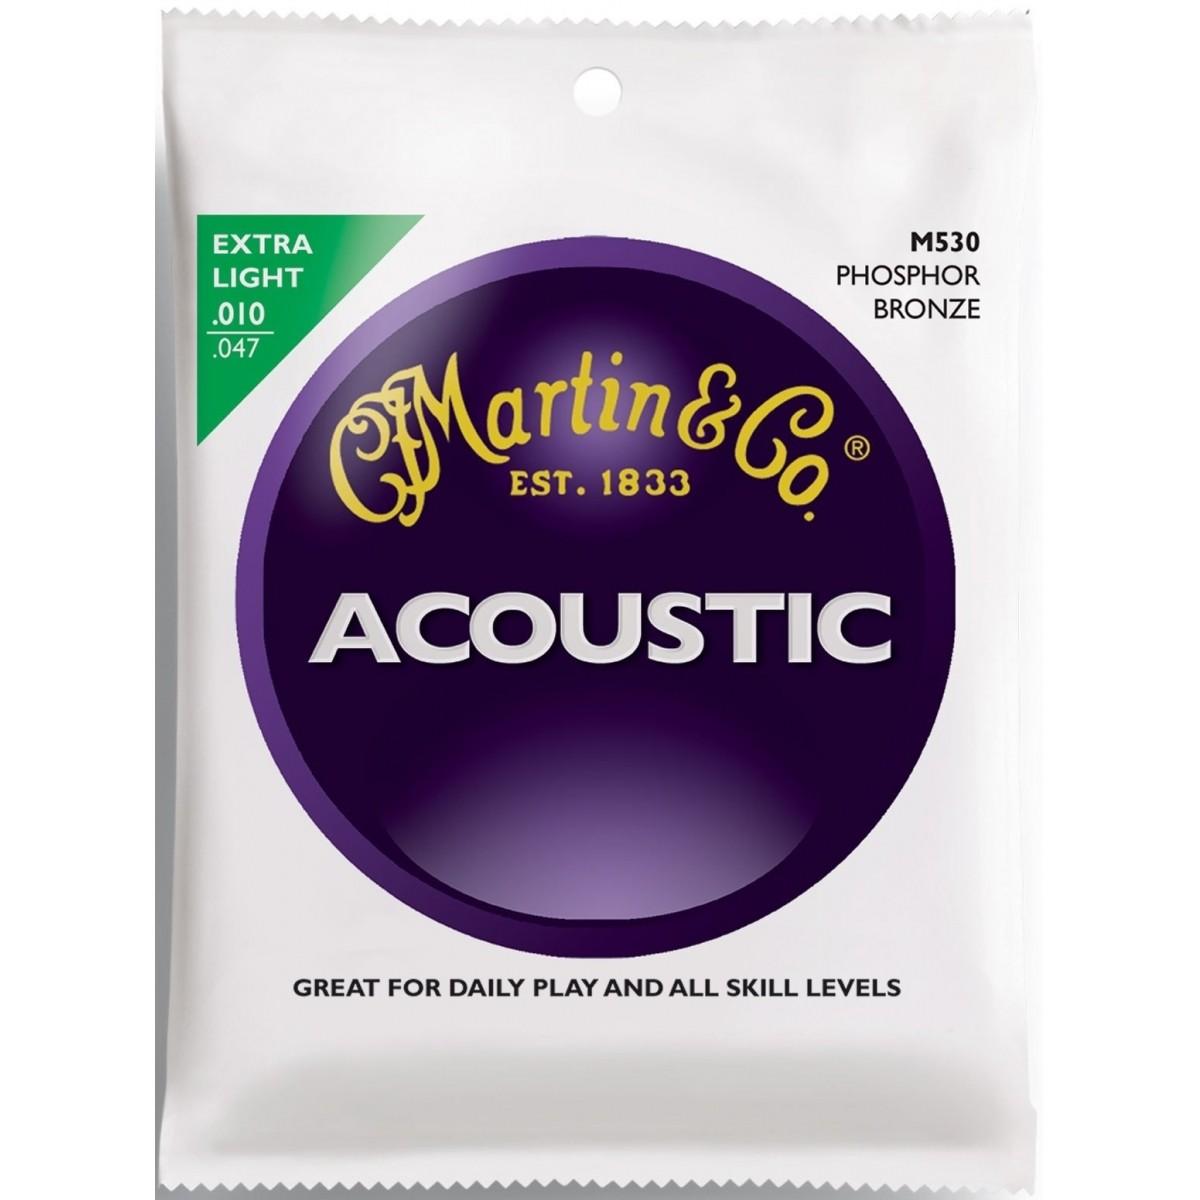 Encordoamento Martin M530 Phosphor Bronze 010 P/ Violão Aço